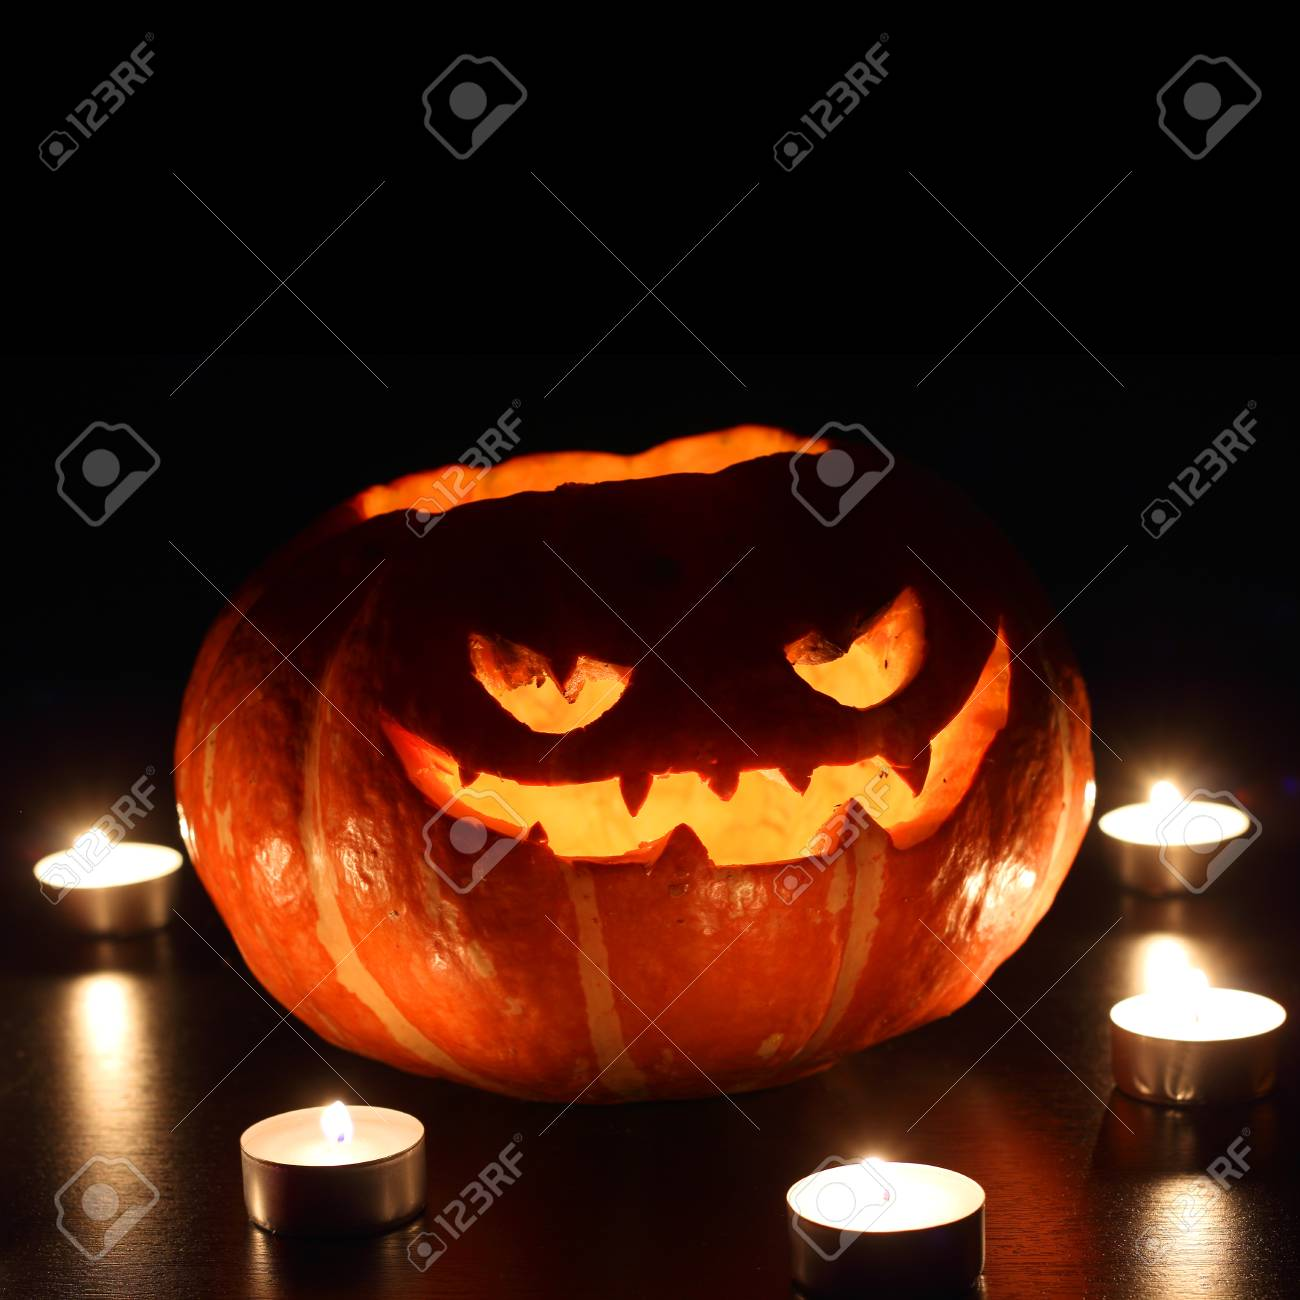 Pompoen En Halloween.Verlichte Leuke Halloween Pompoen En Brandende Die Kaarsen Op Zwarte Achtergrond Wordt Geisoleerd